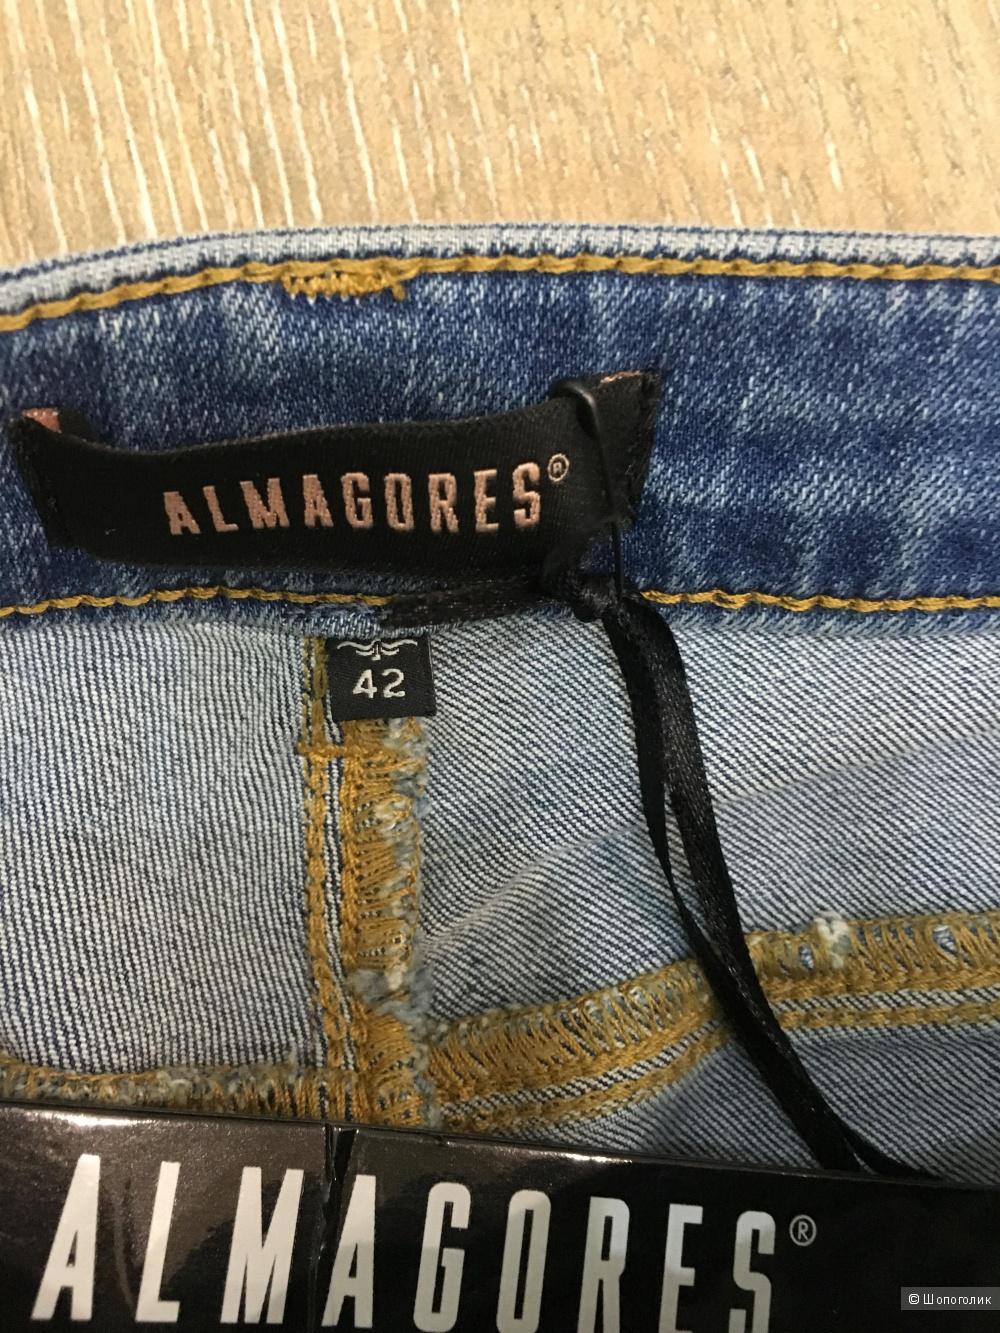 Джинсы Almagores,размер 42